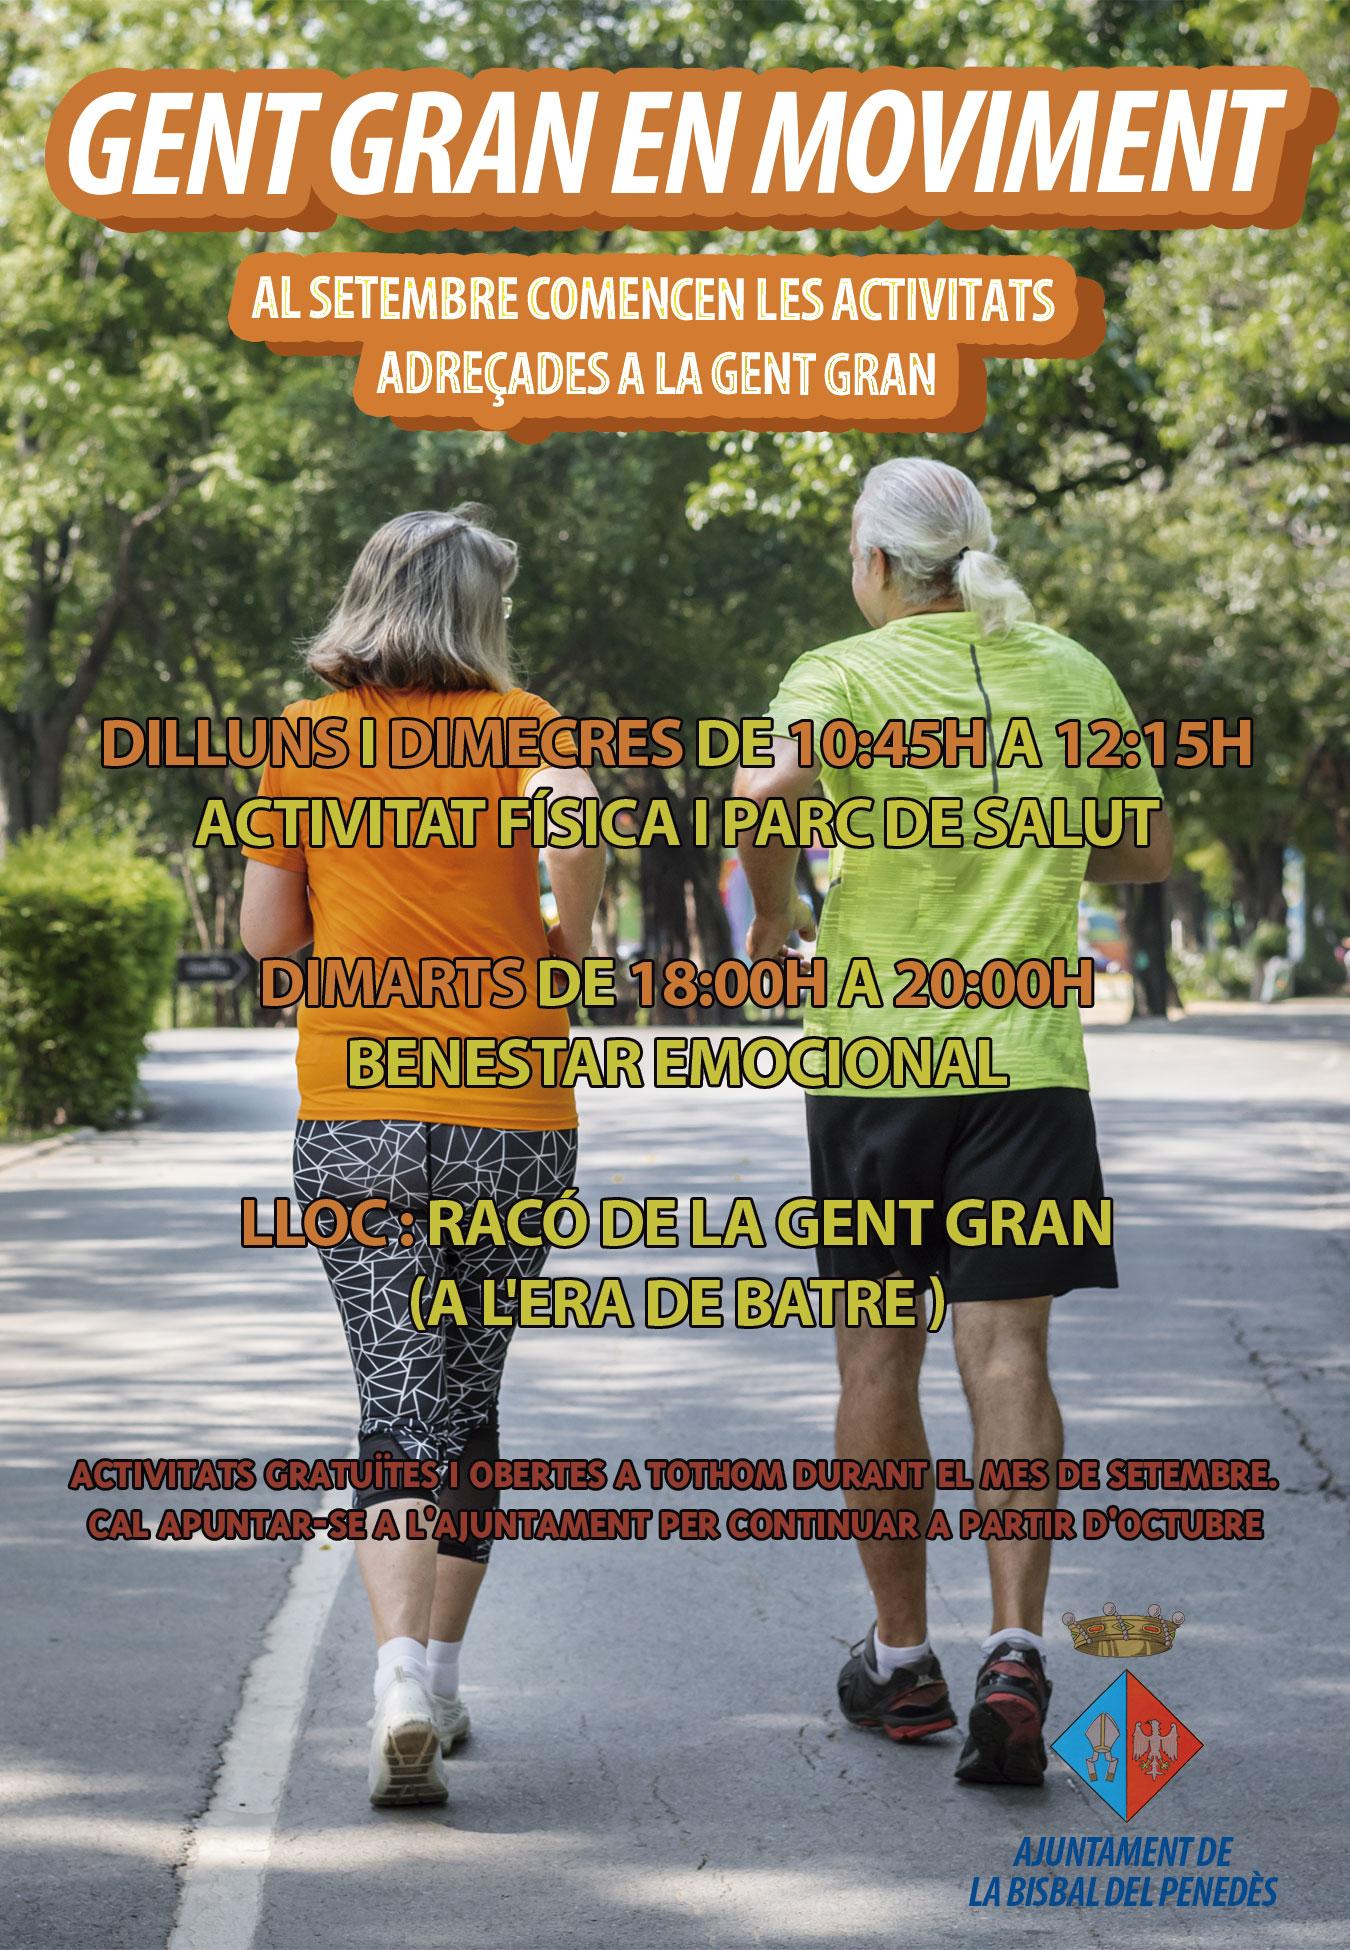 Gent Gran en Moviment: al setembre comencen diverses activitats adreçades a la gent gran